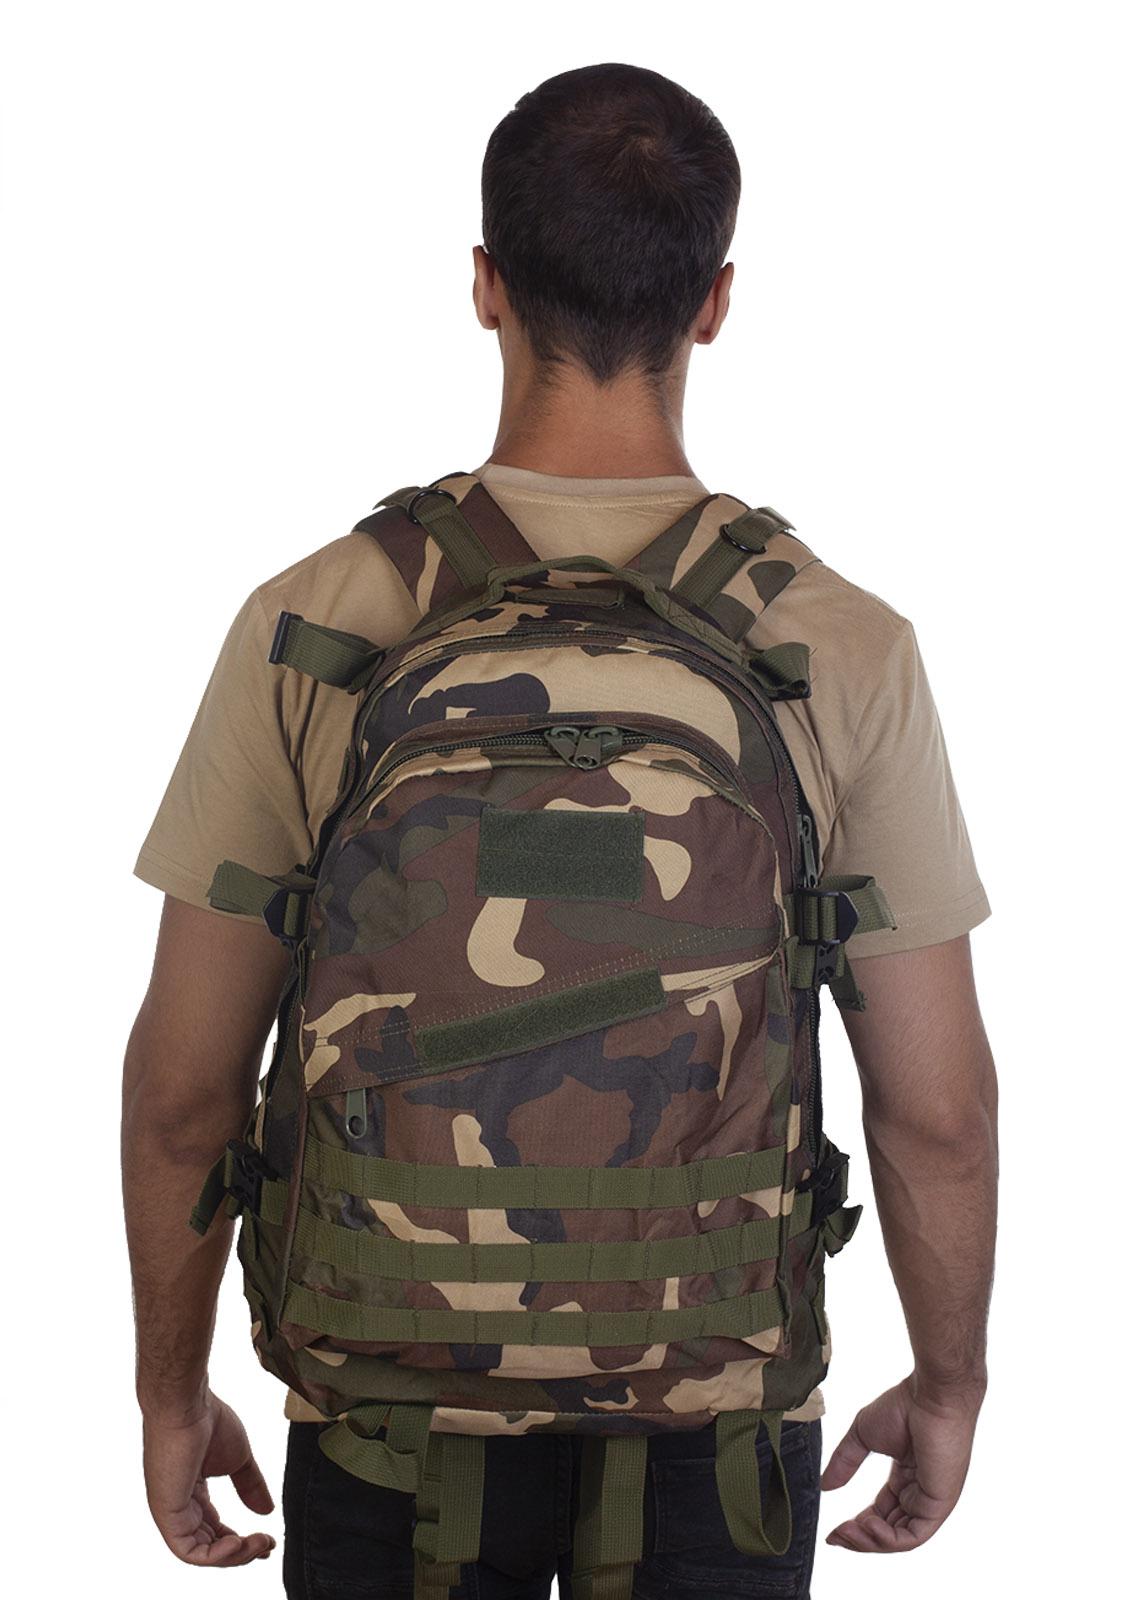 Камуфляжный рюкзак расцветки Woodland - в розницу и оптом